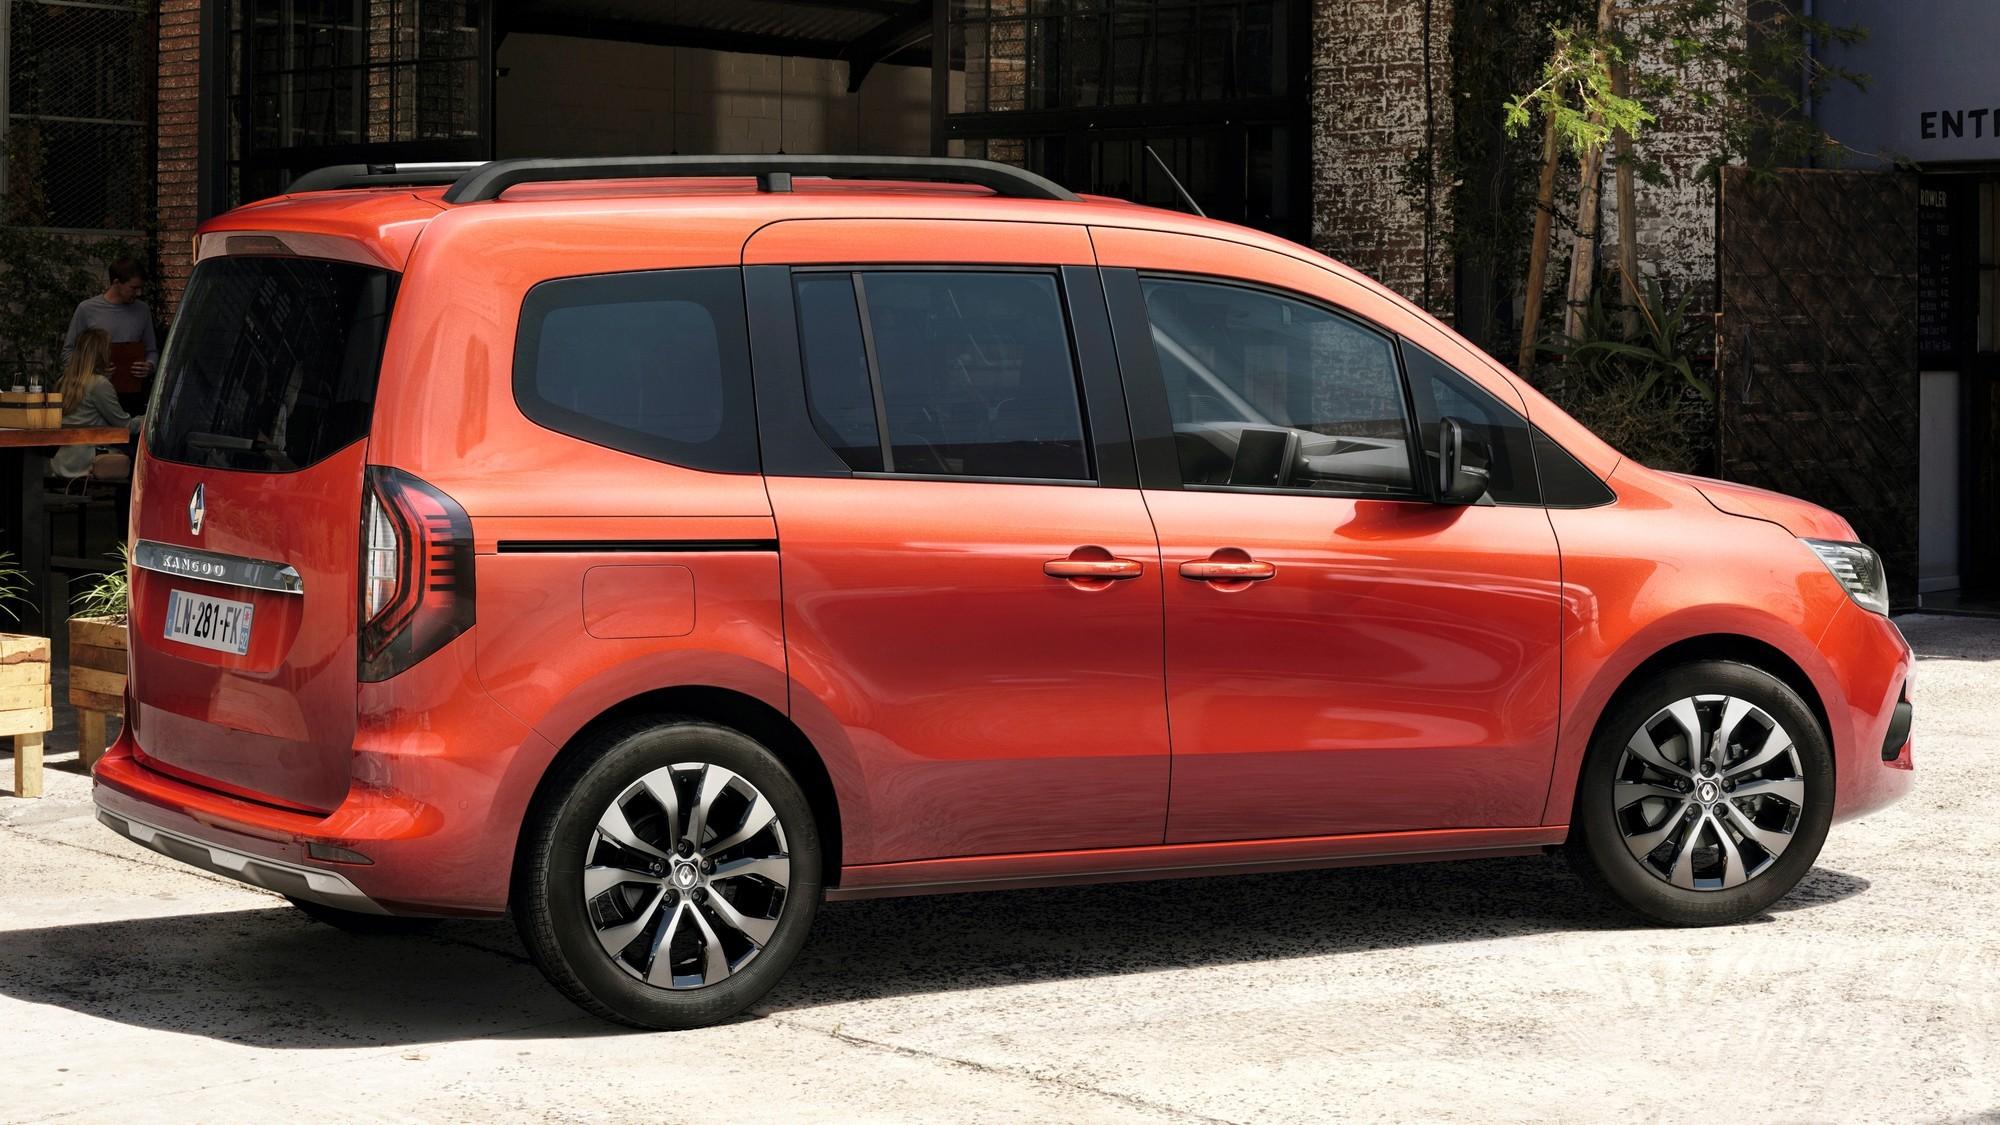 Новый Renault Kangoo: теперь и пассажирская версия, которая заменит компактвэн Scenic